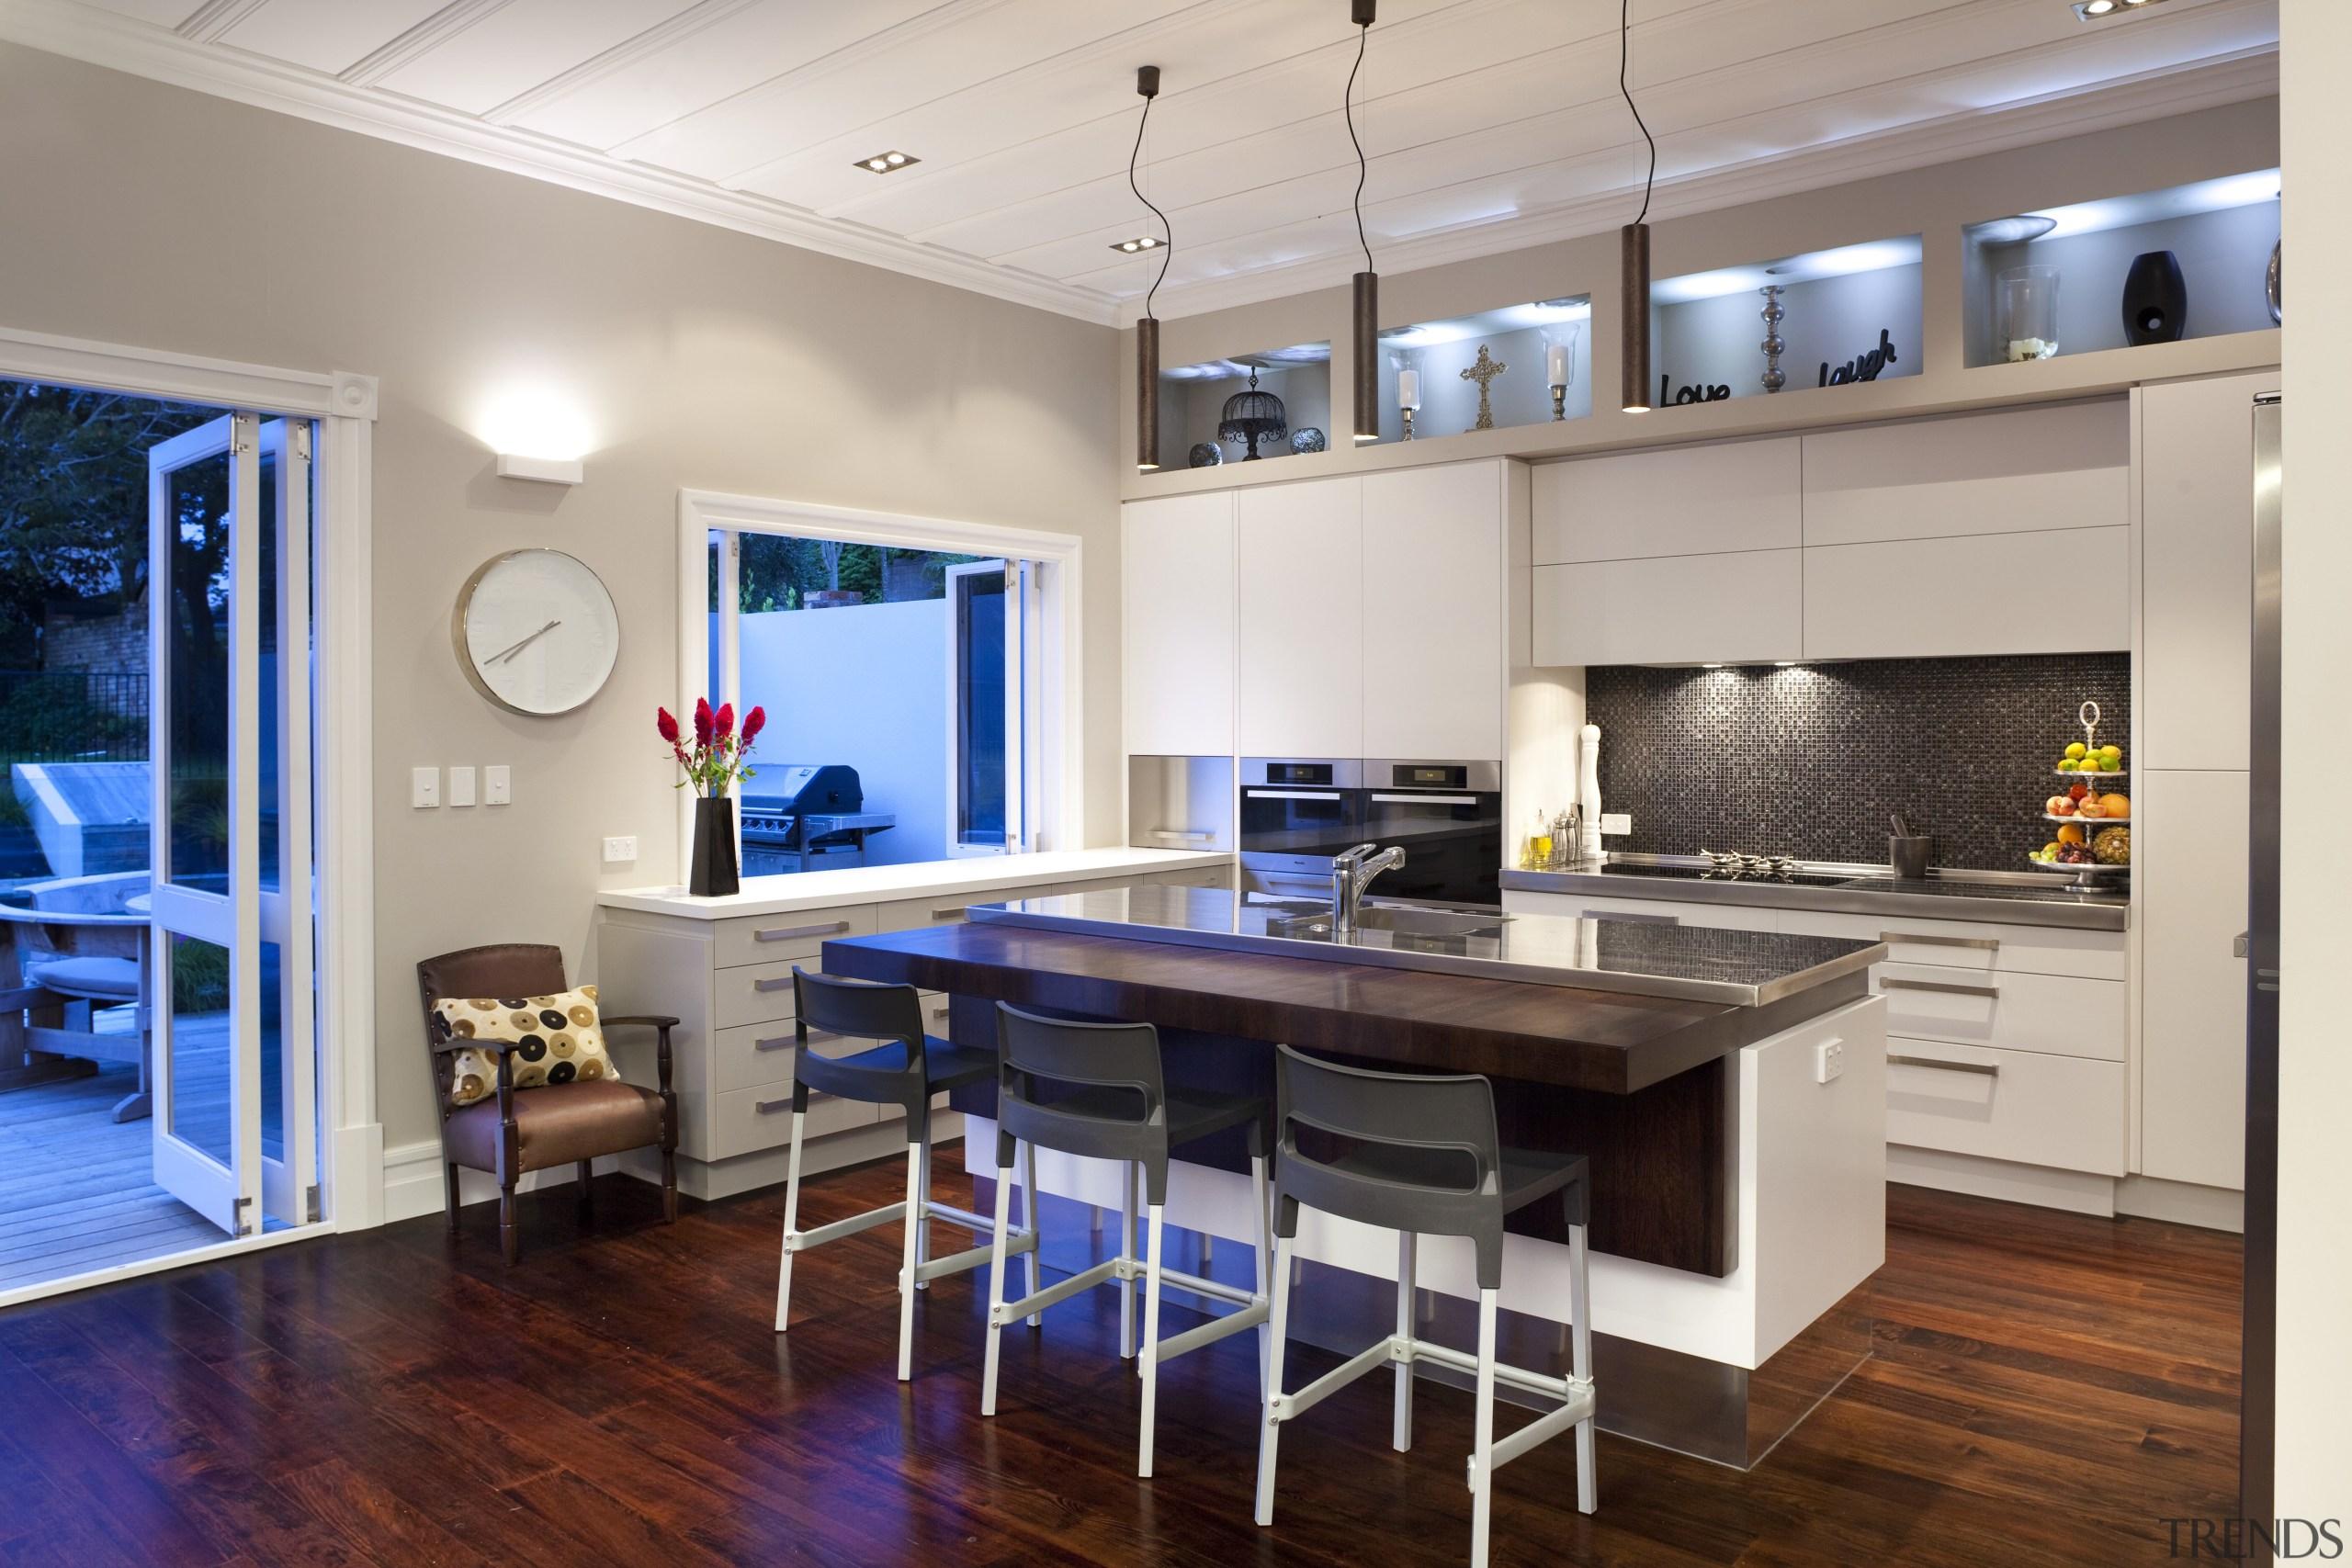 island in centre, hanging lights above, door to countertop, floor, flooring, hardwood, interior design, kitchen, real estate, room, wood flooring, gray